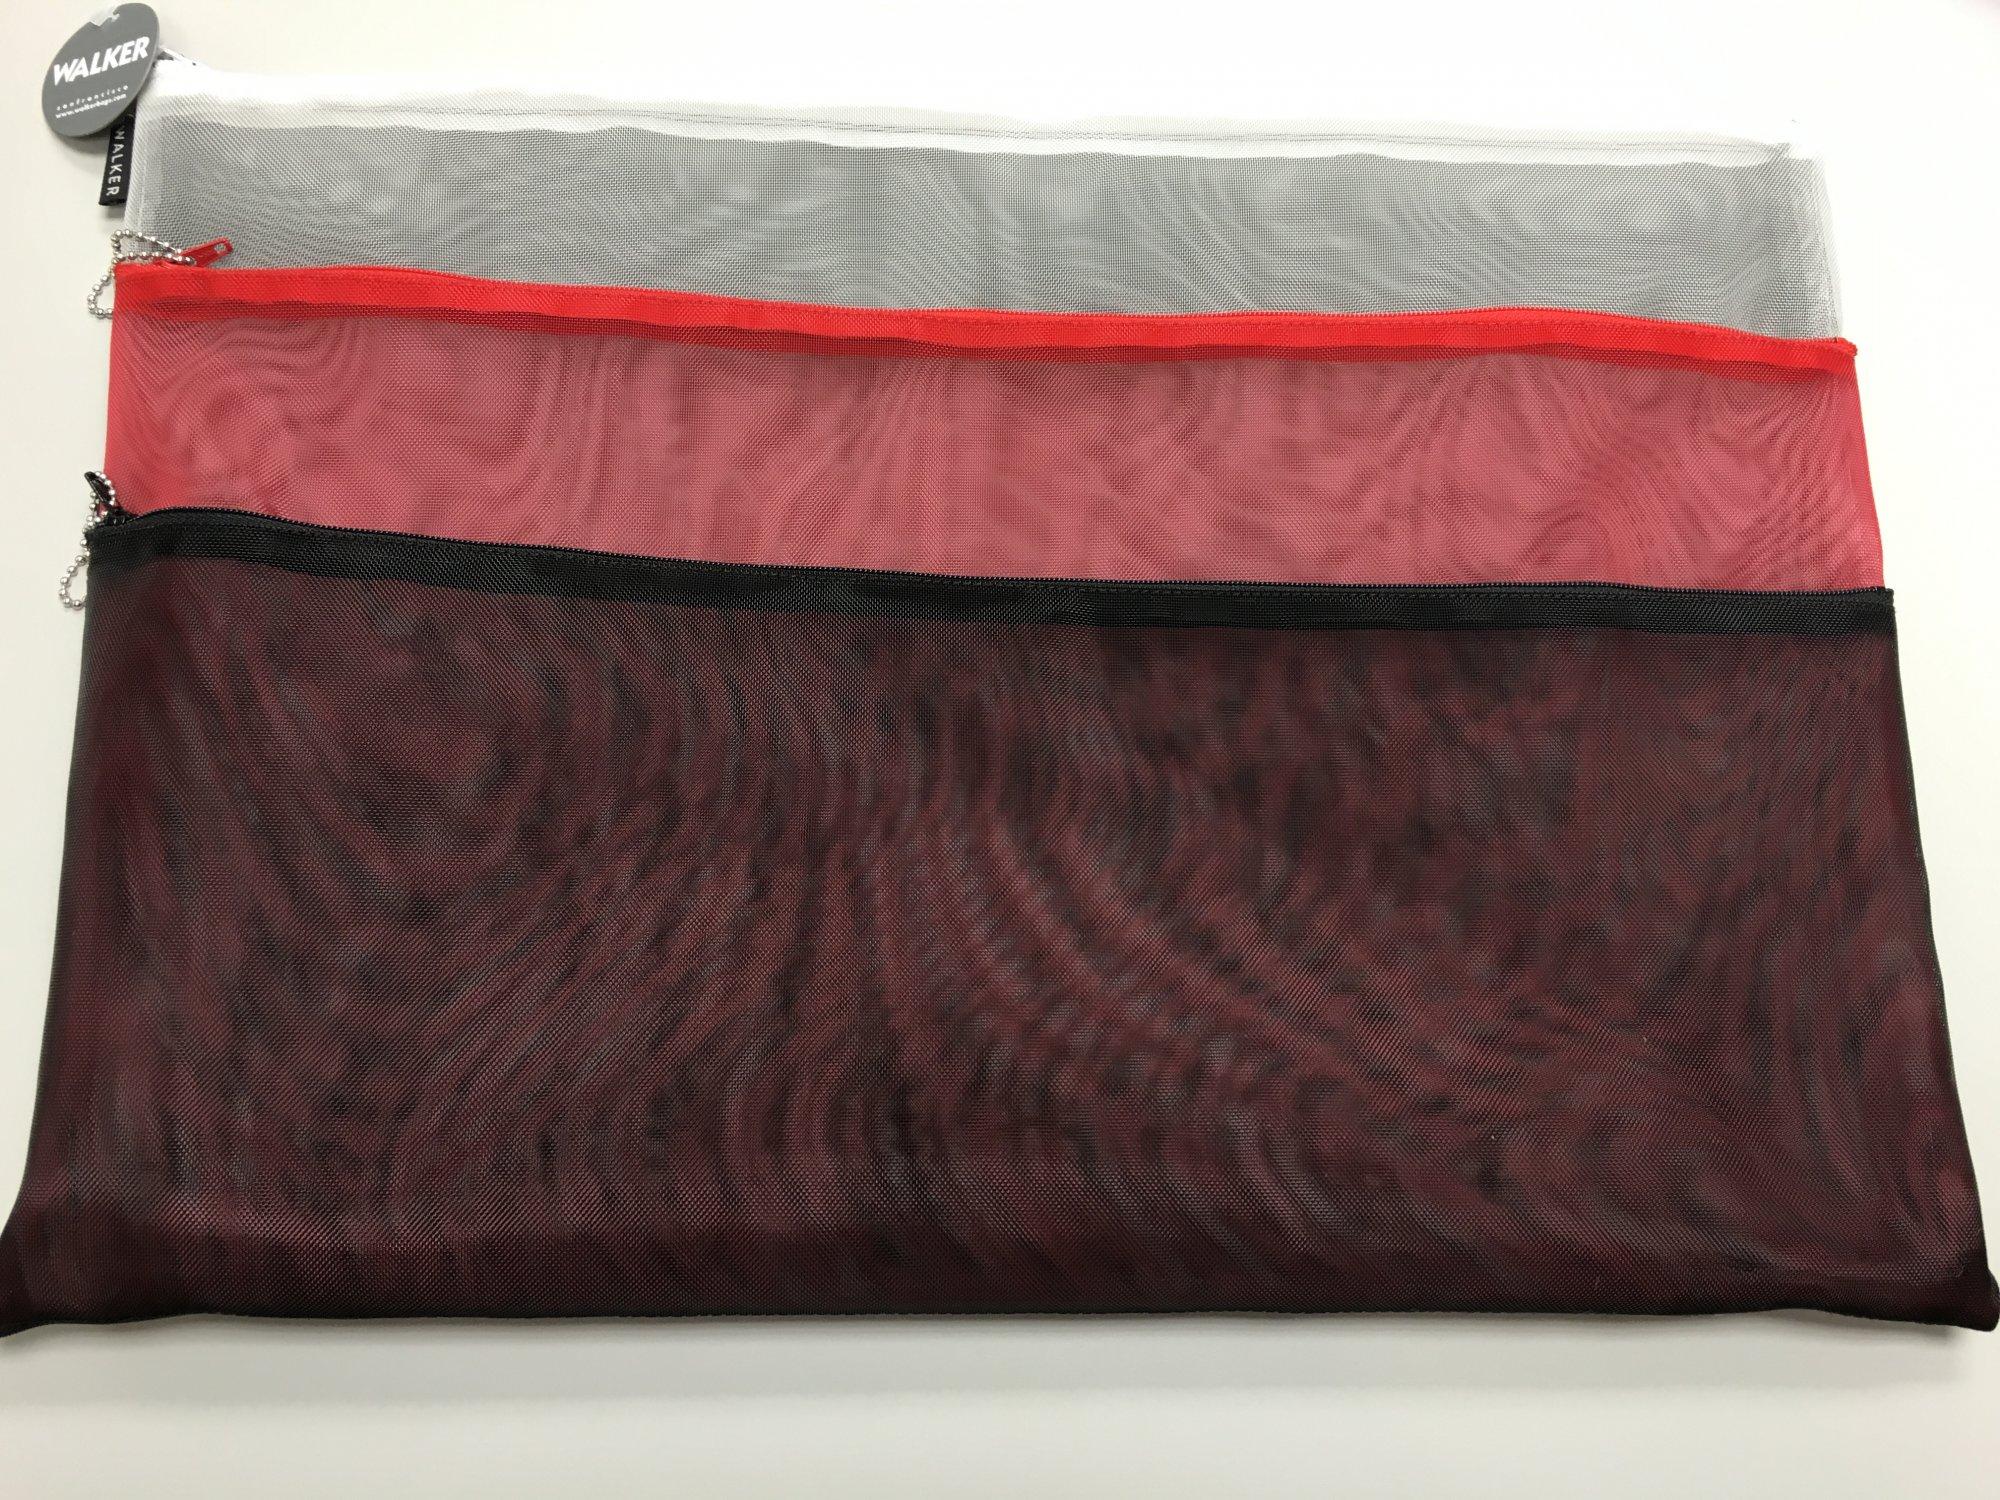 Walker Bags 3 zipper 18 x 13